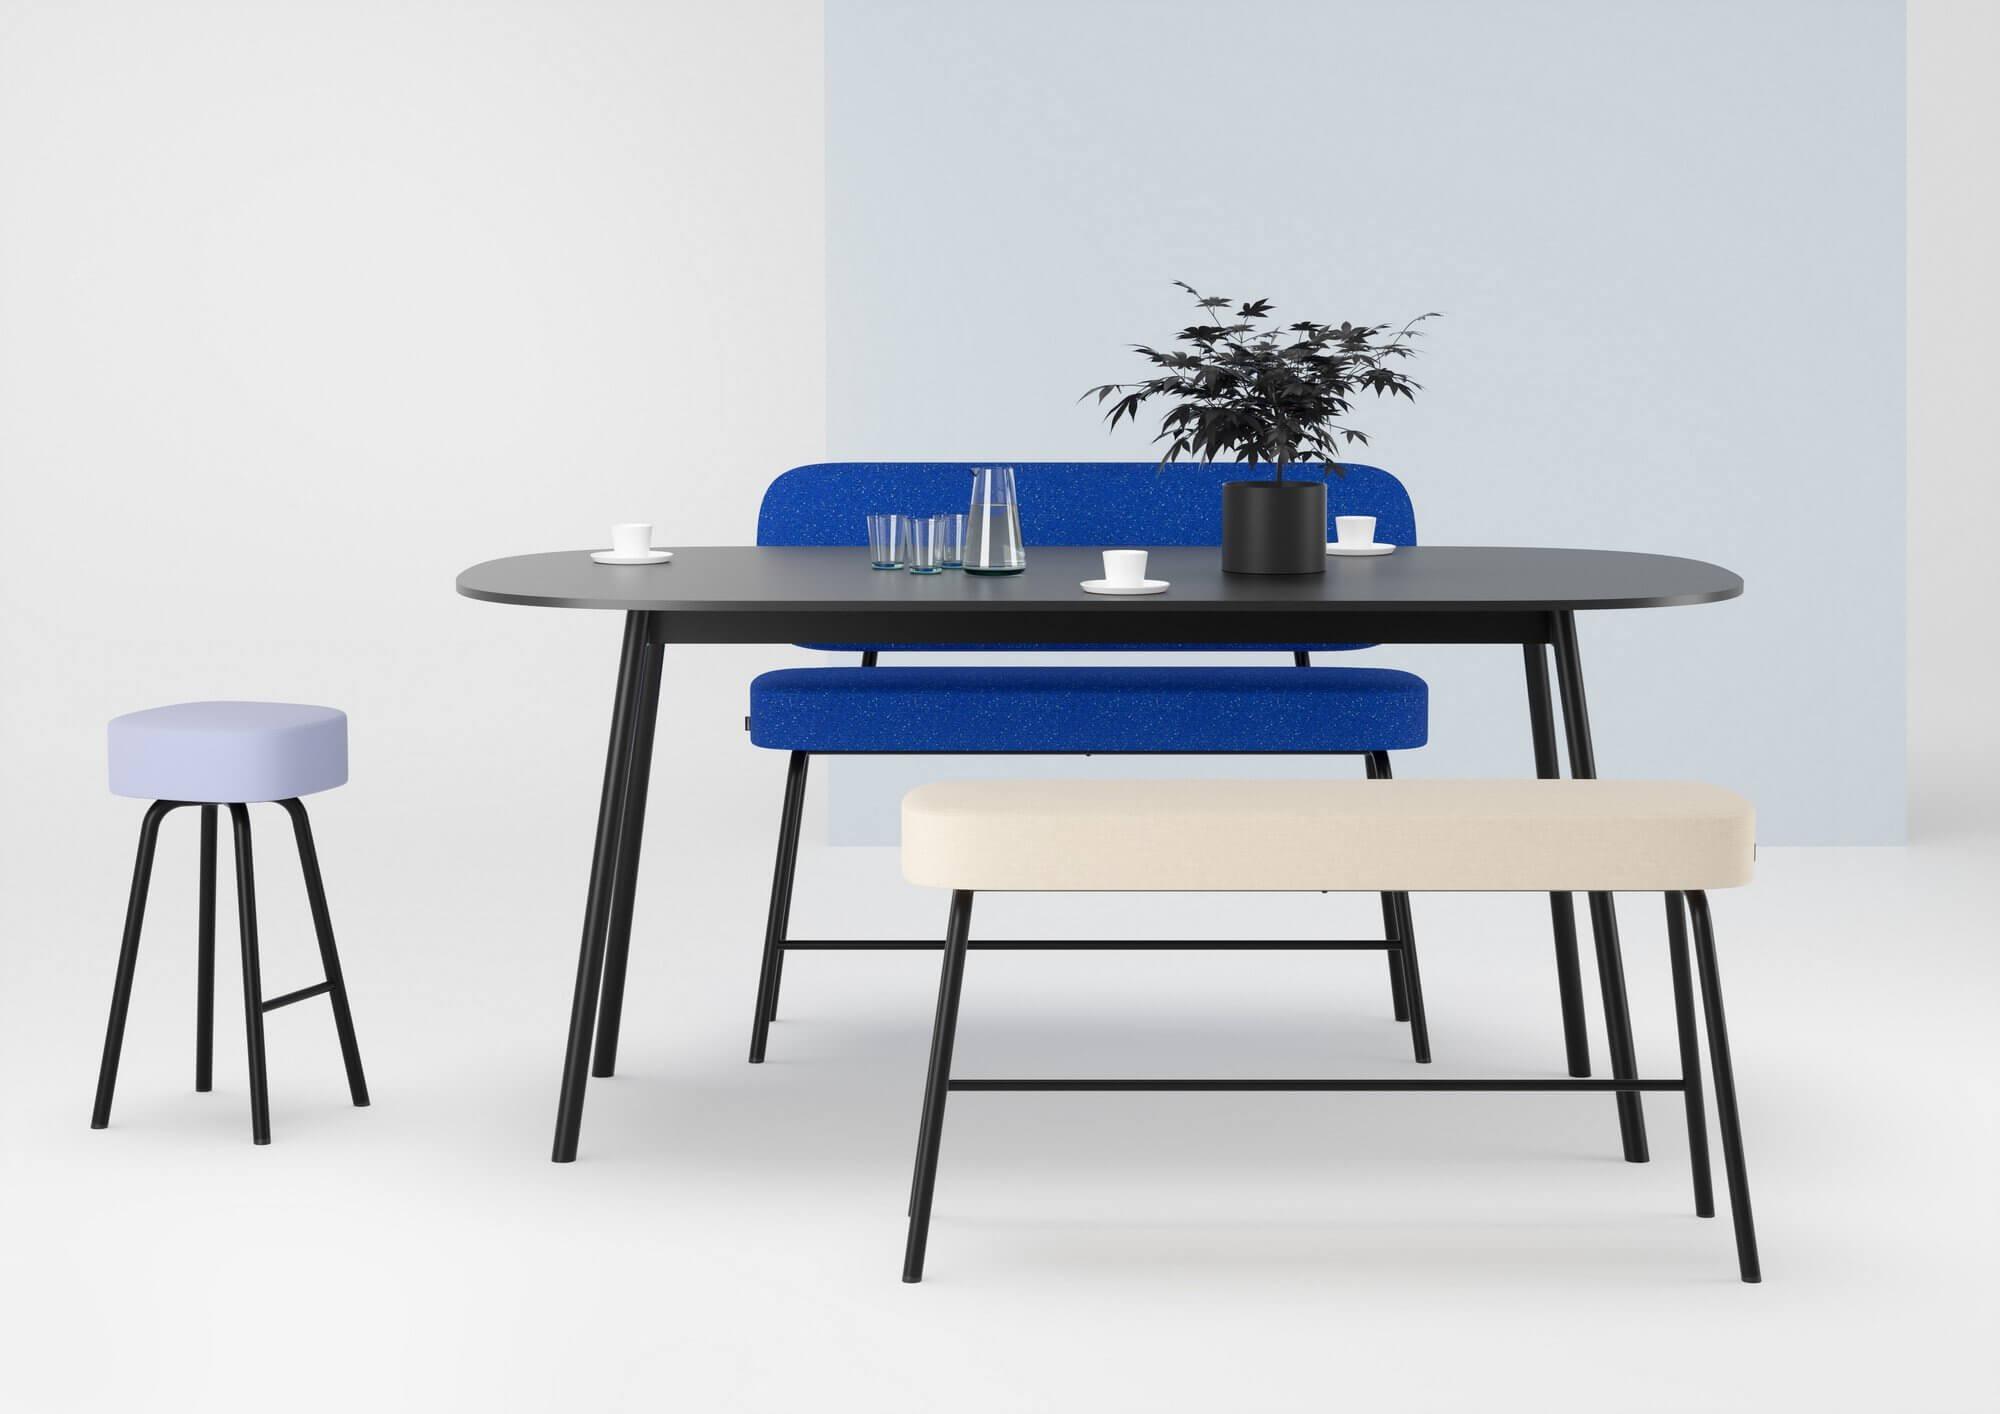 Table réunion ovale PULLY avec son banc de réunion design.